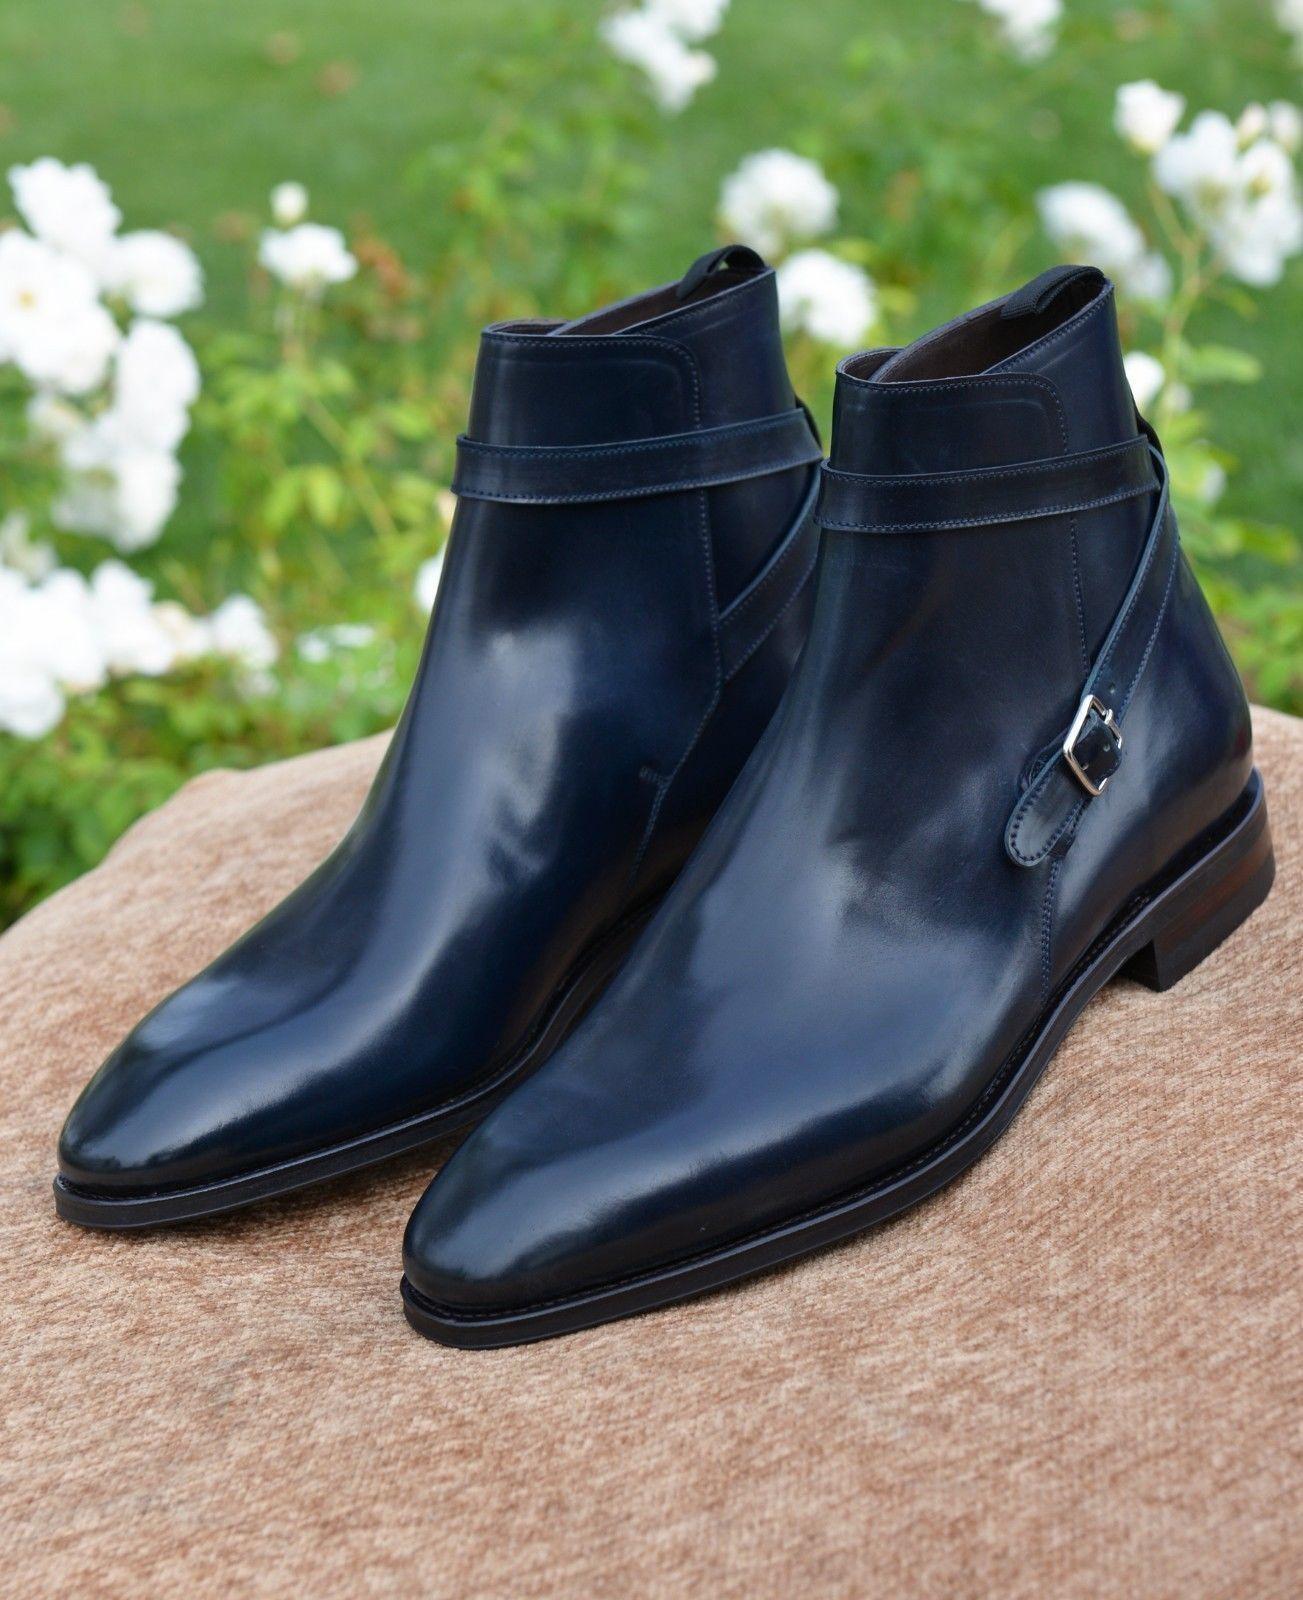 MEN HANDMADE FORMAL CASUAL LEATHER JODHPURS DRESS BLACK SIDE BUCKLE Stiefel